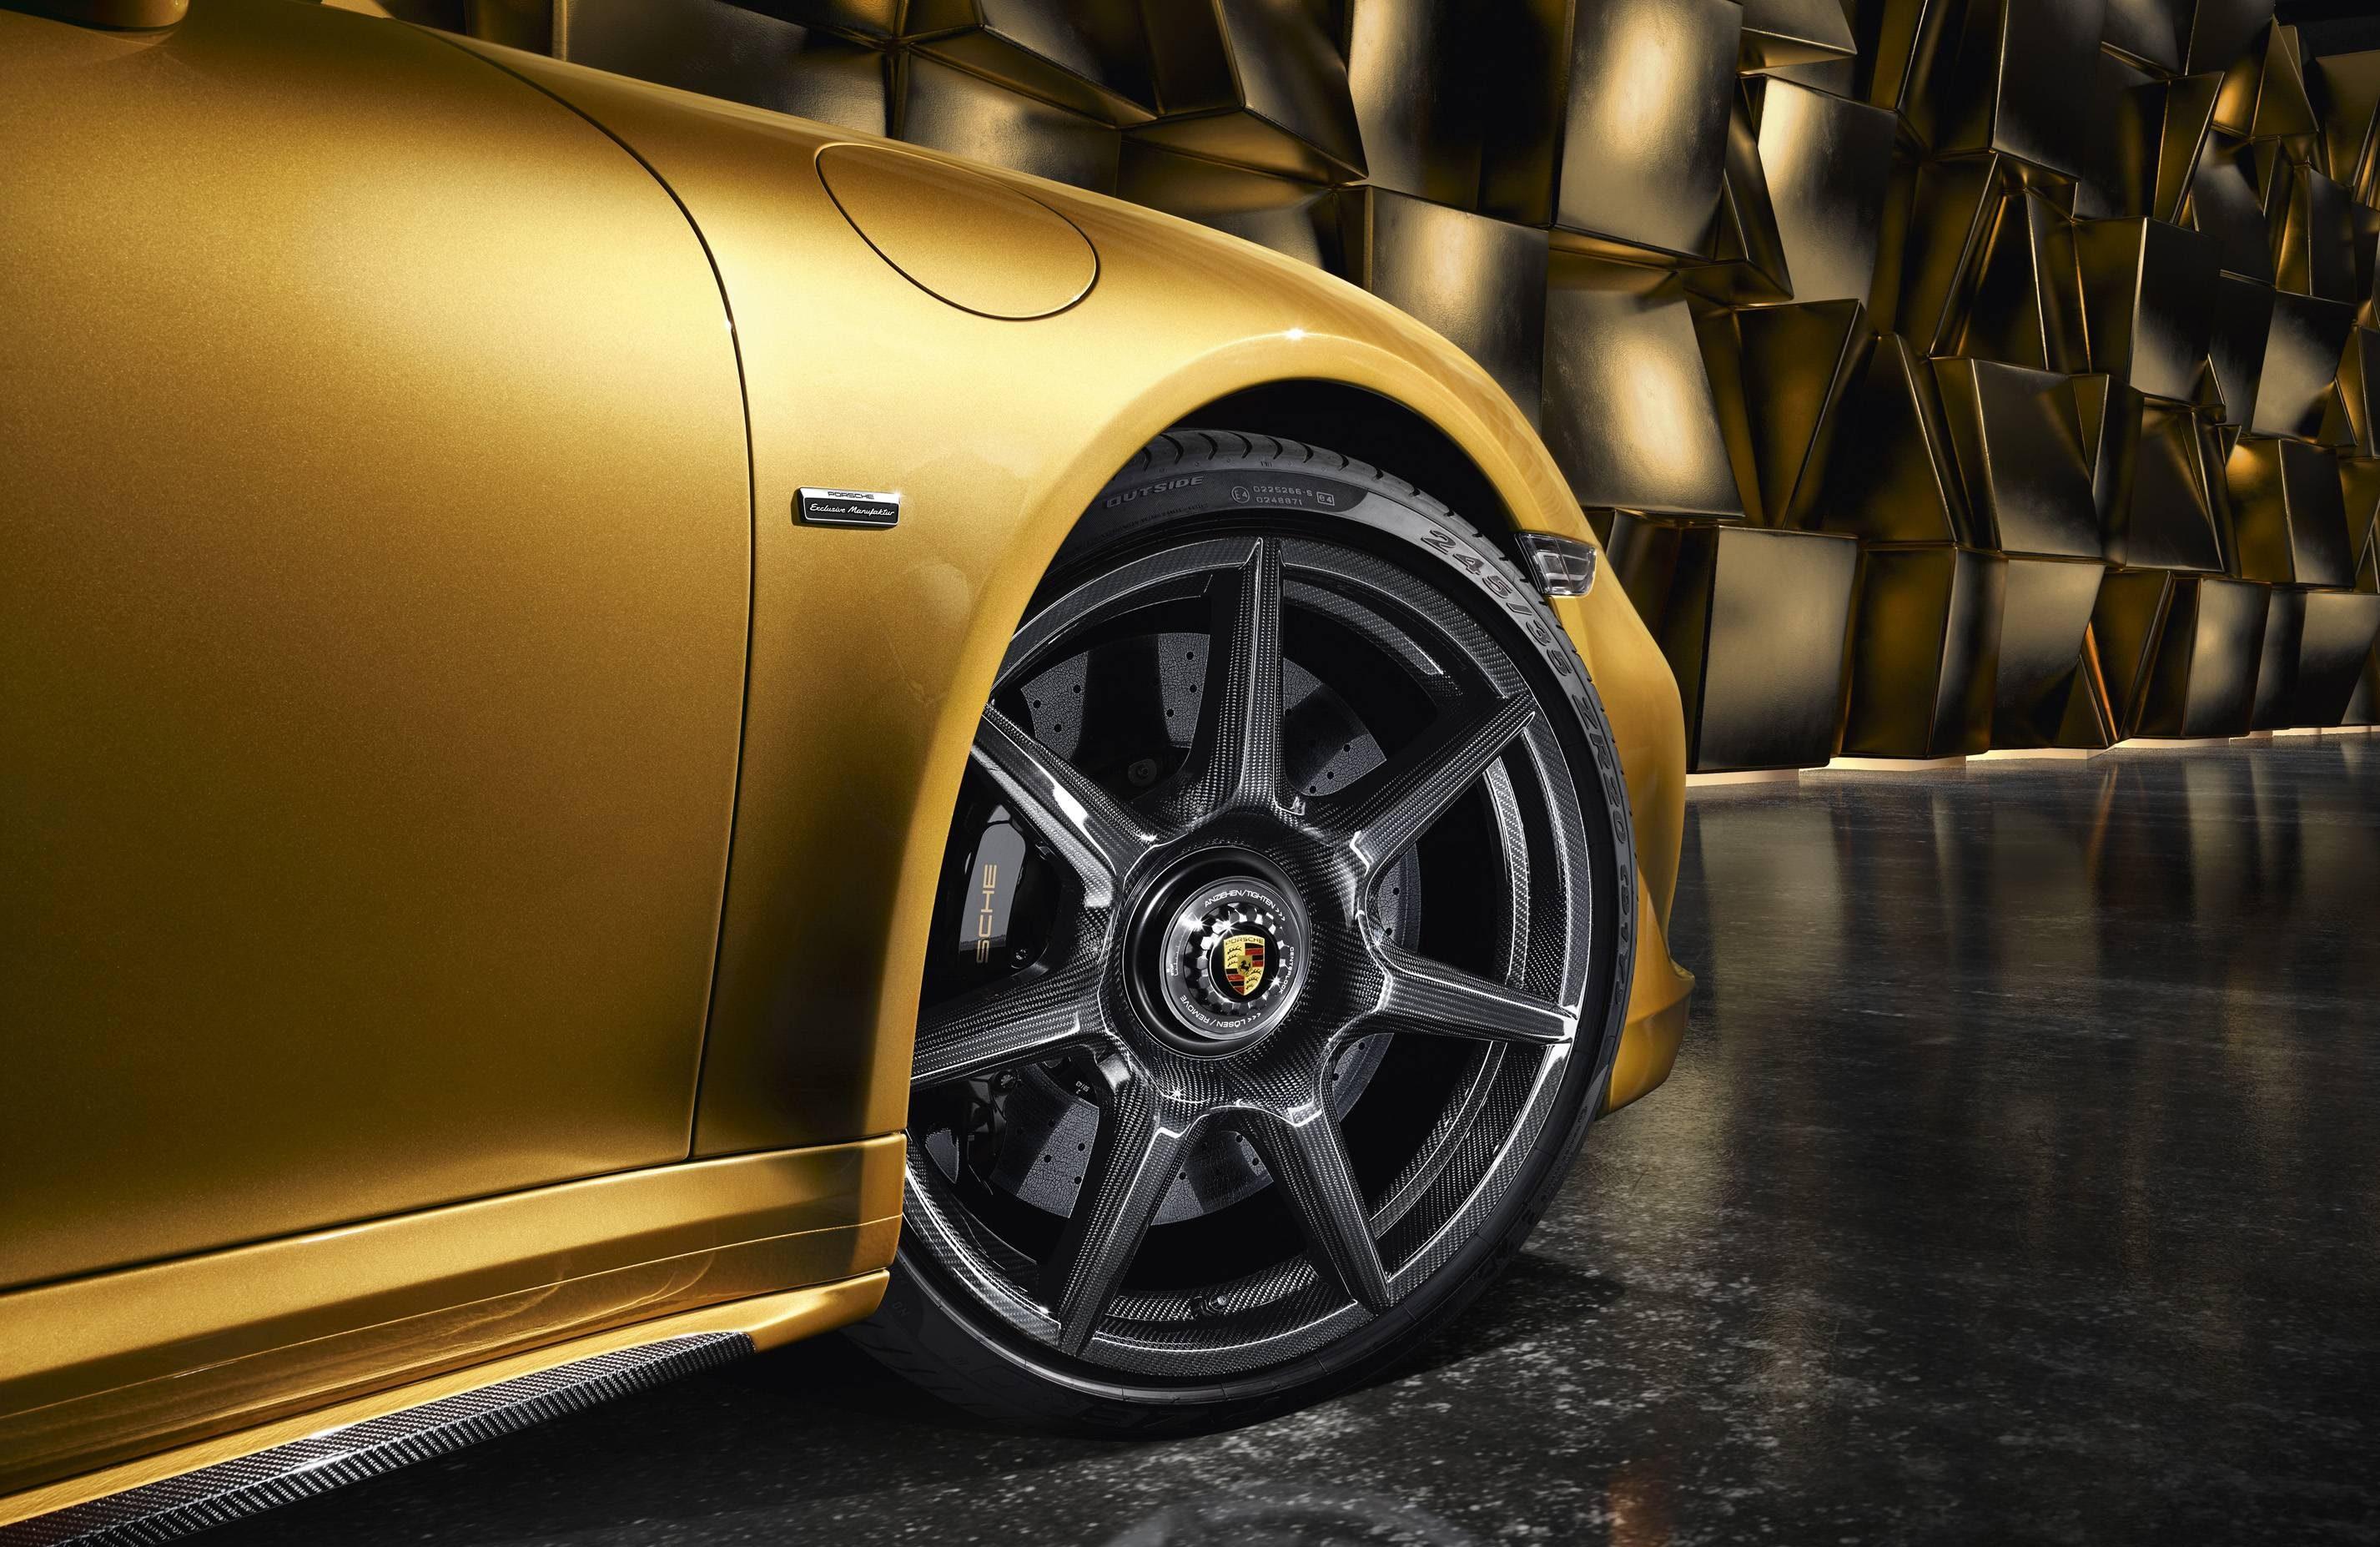 Rodas de fibra de carbono do Porsche 911 Turbo Exclusive Series